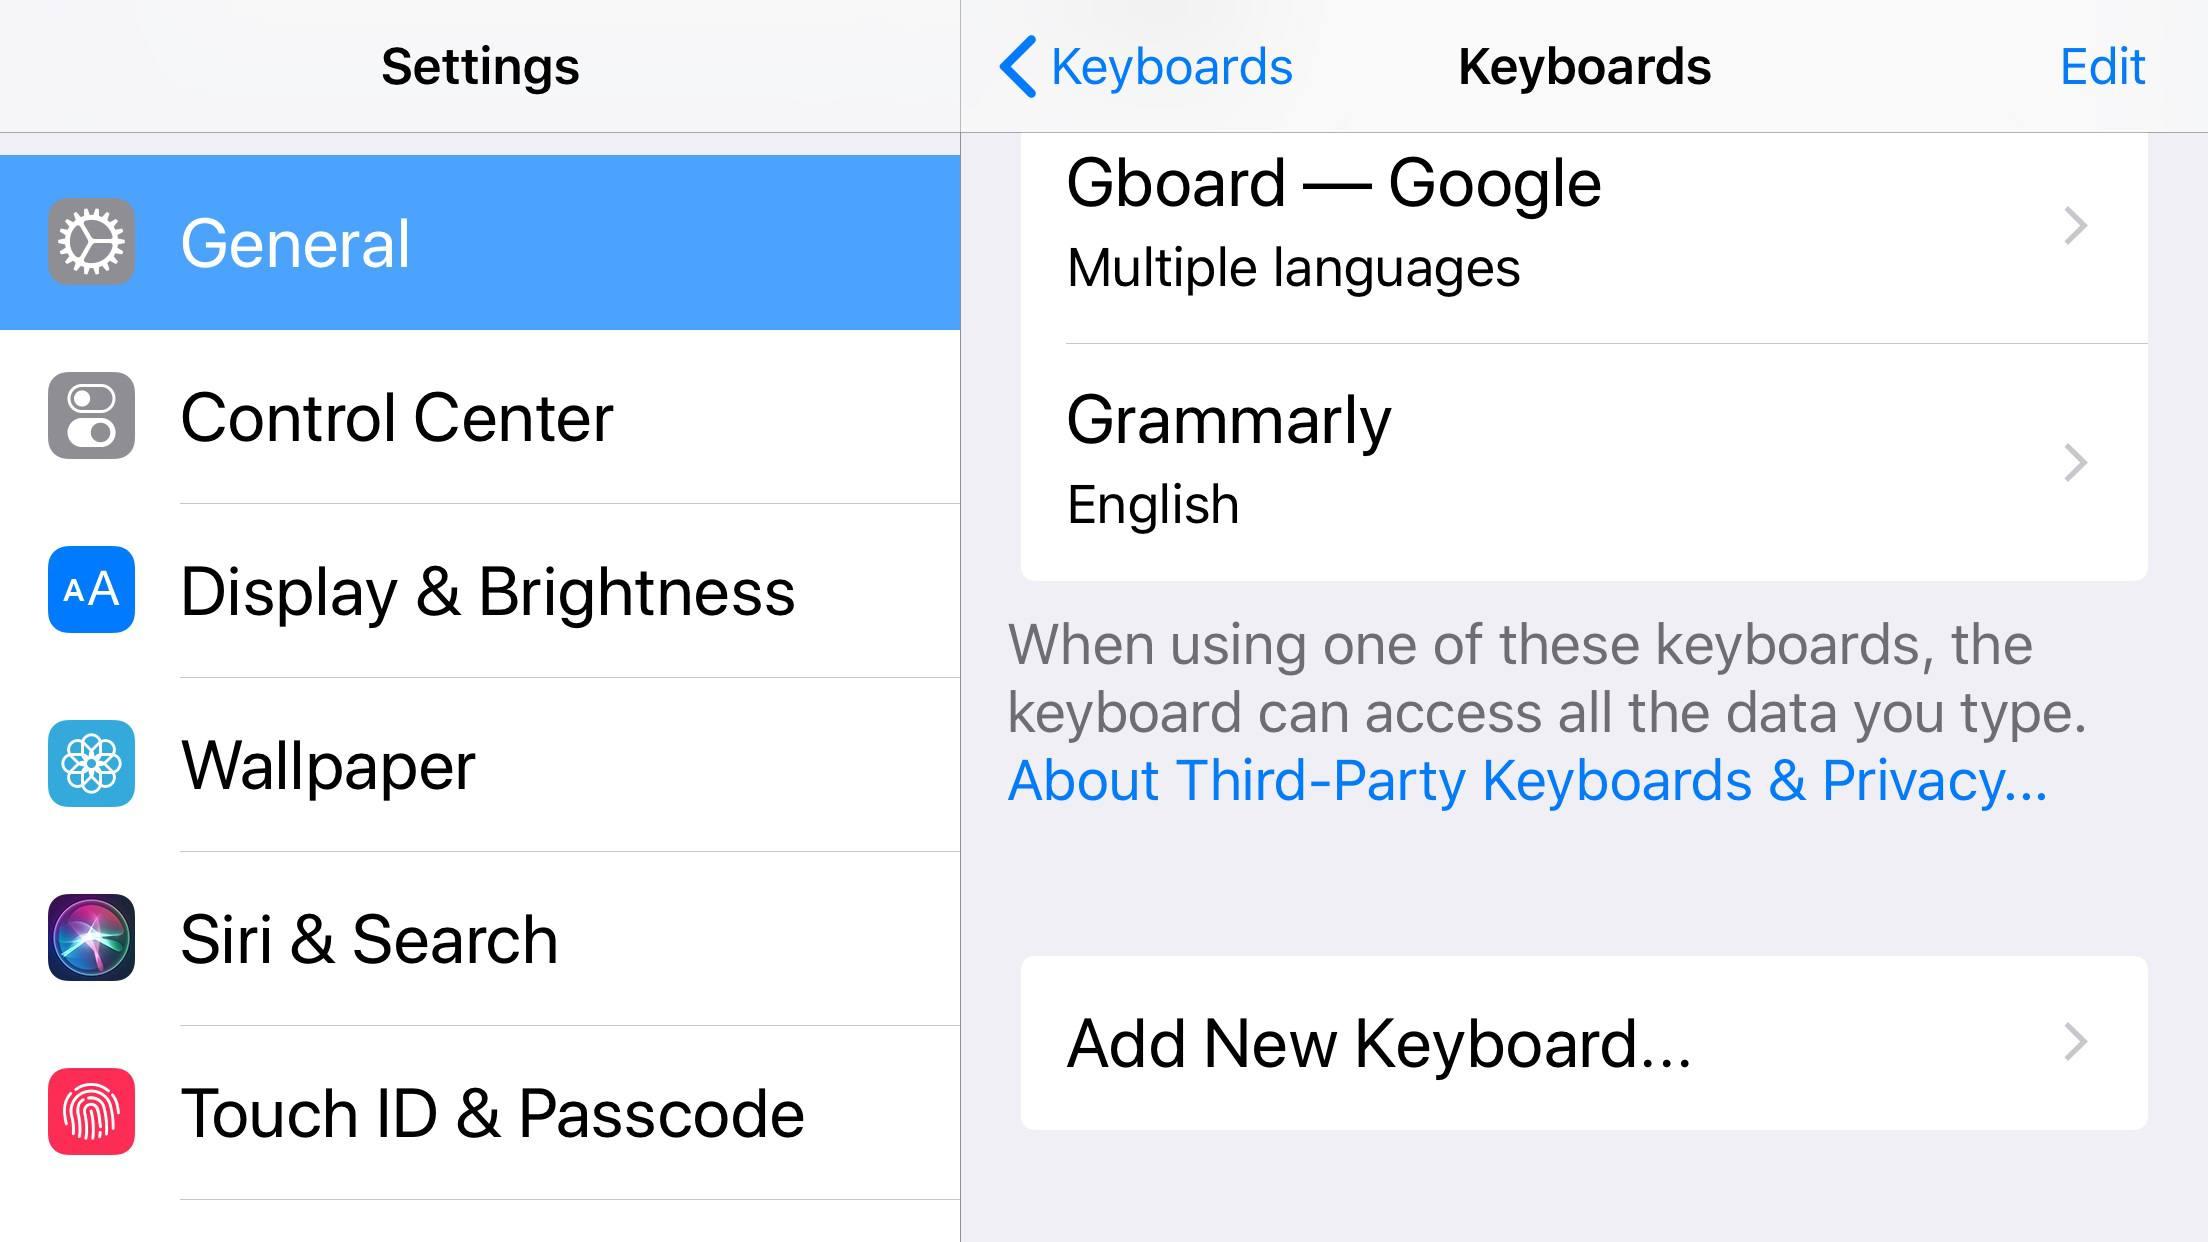 A screenshot of the iPhone keyboard settings